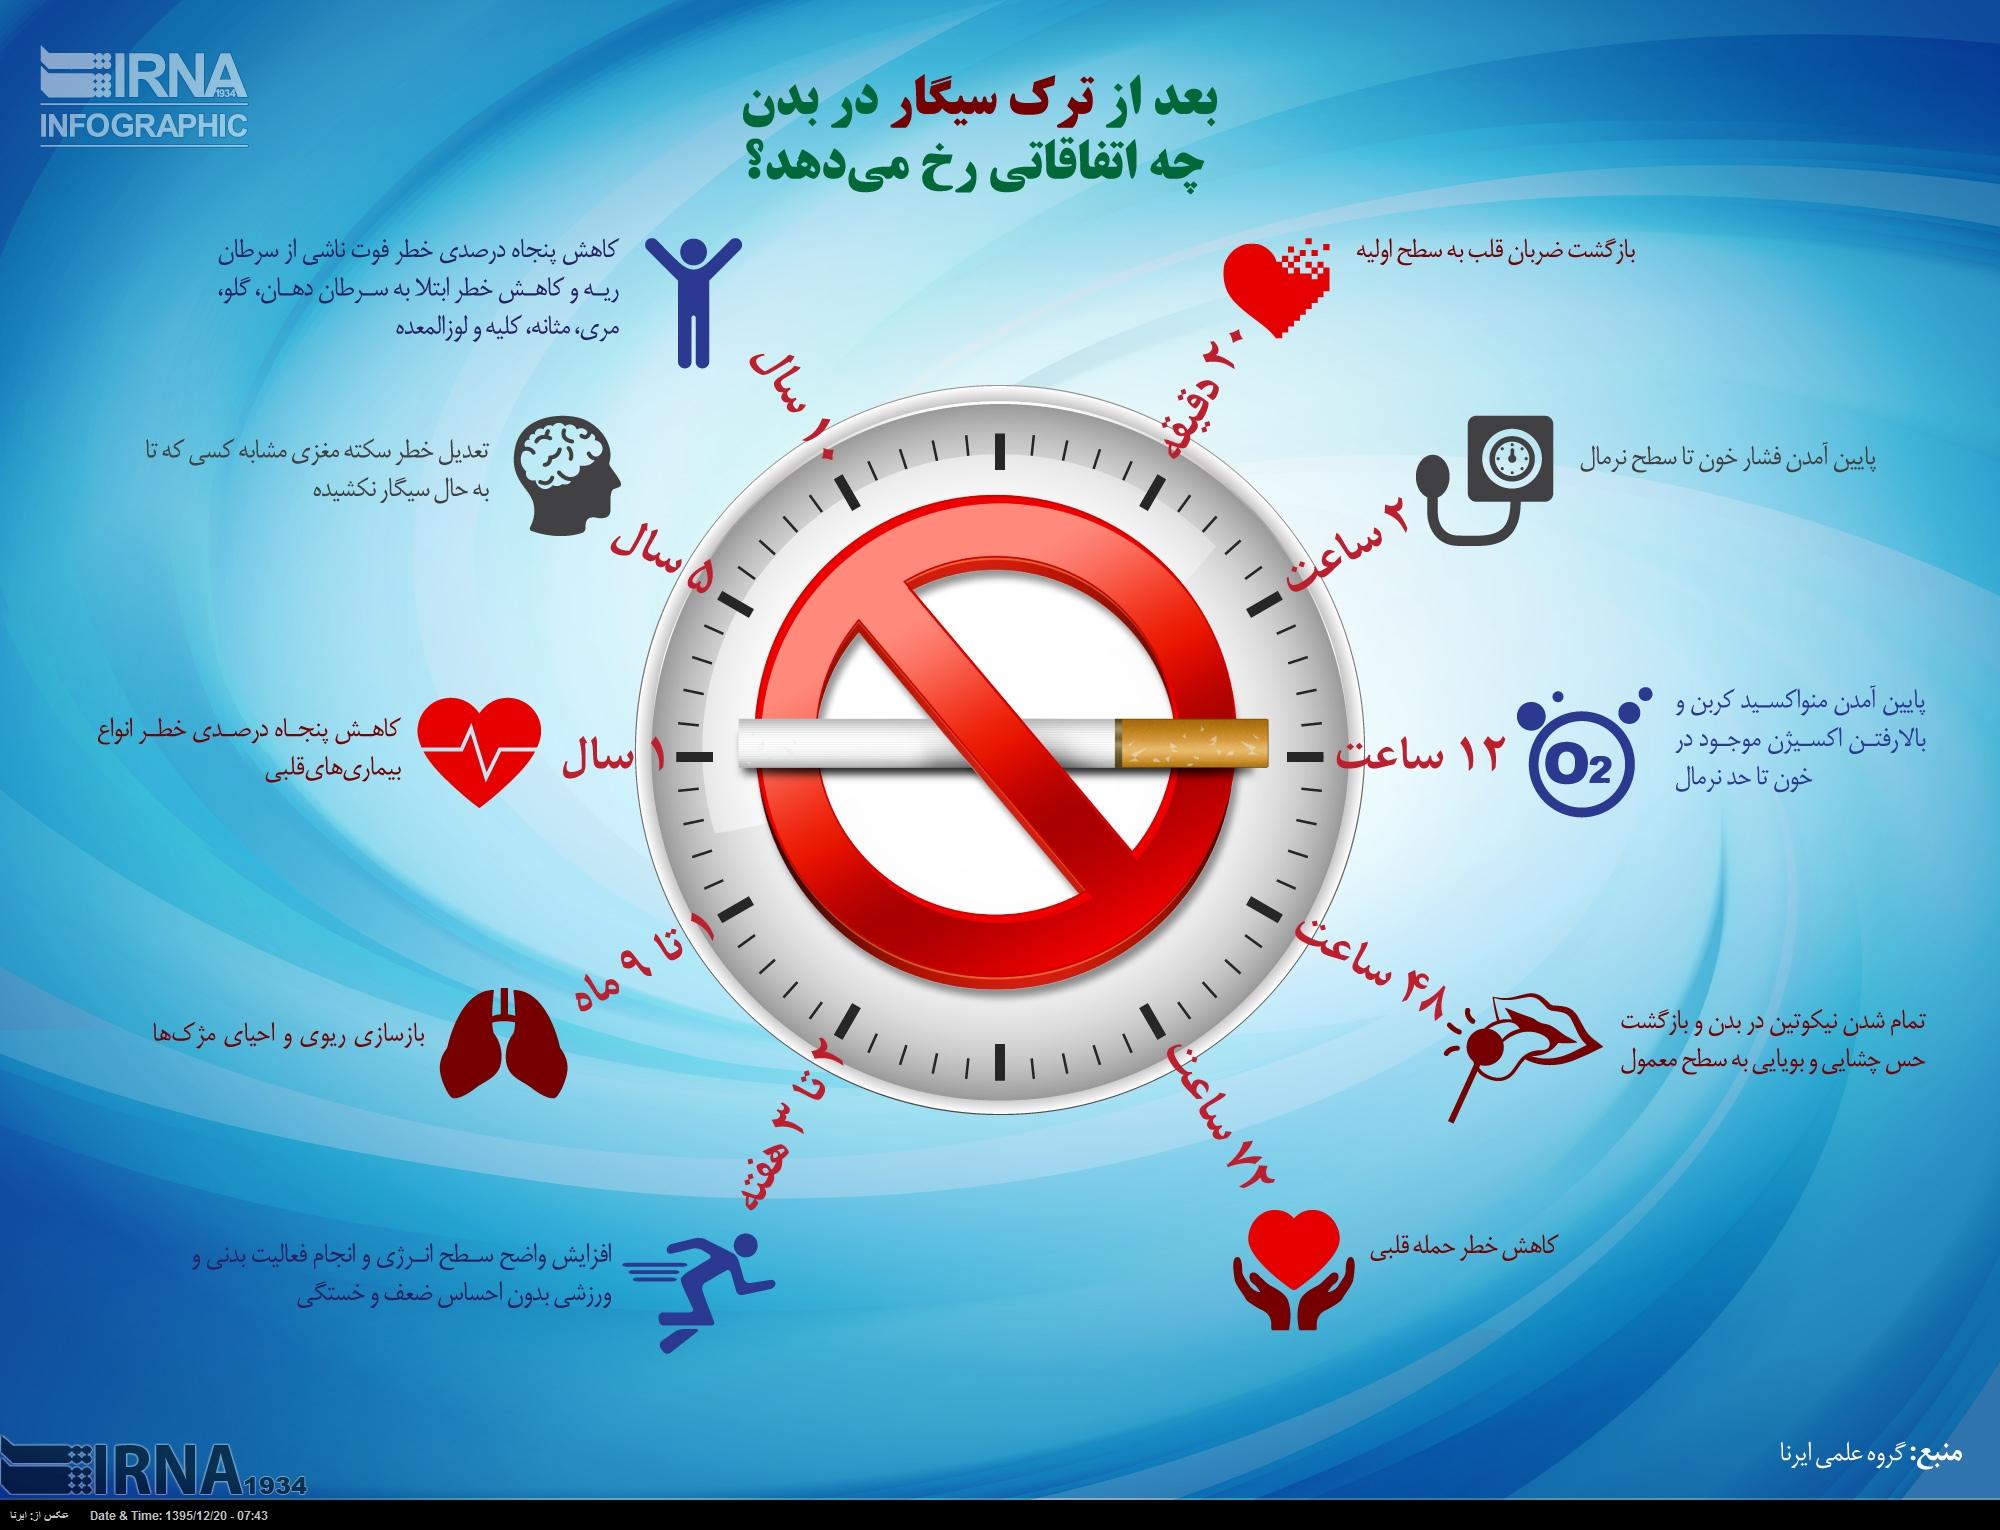 بعد از ترک سیگار در بدن چه اتفاقاتی رخ می دهد